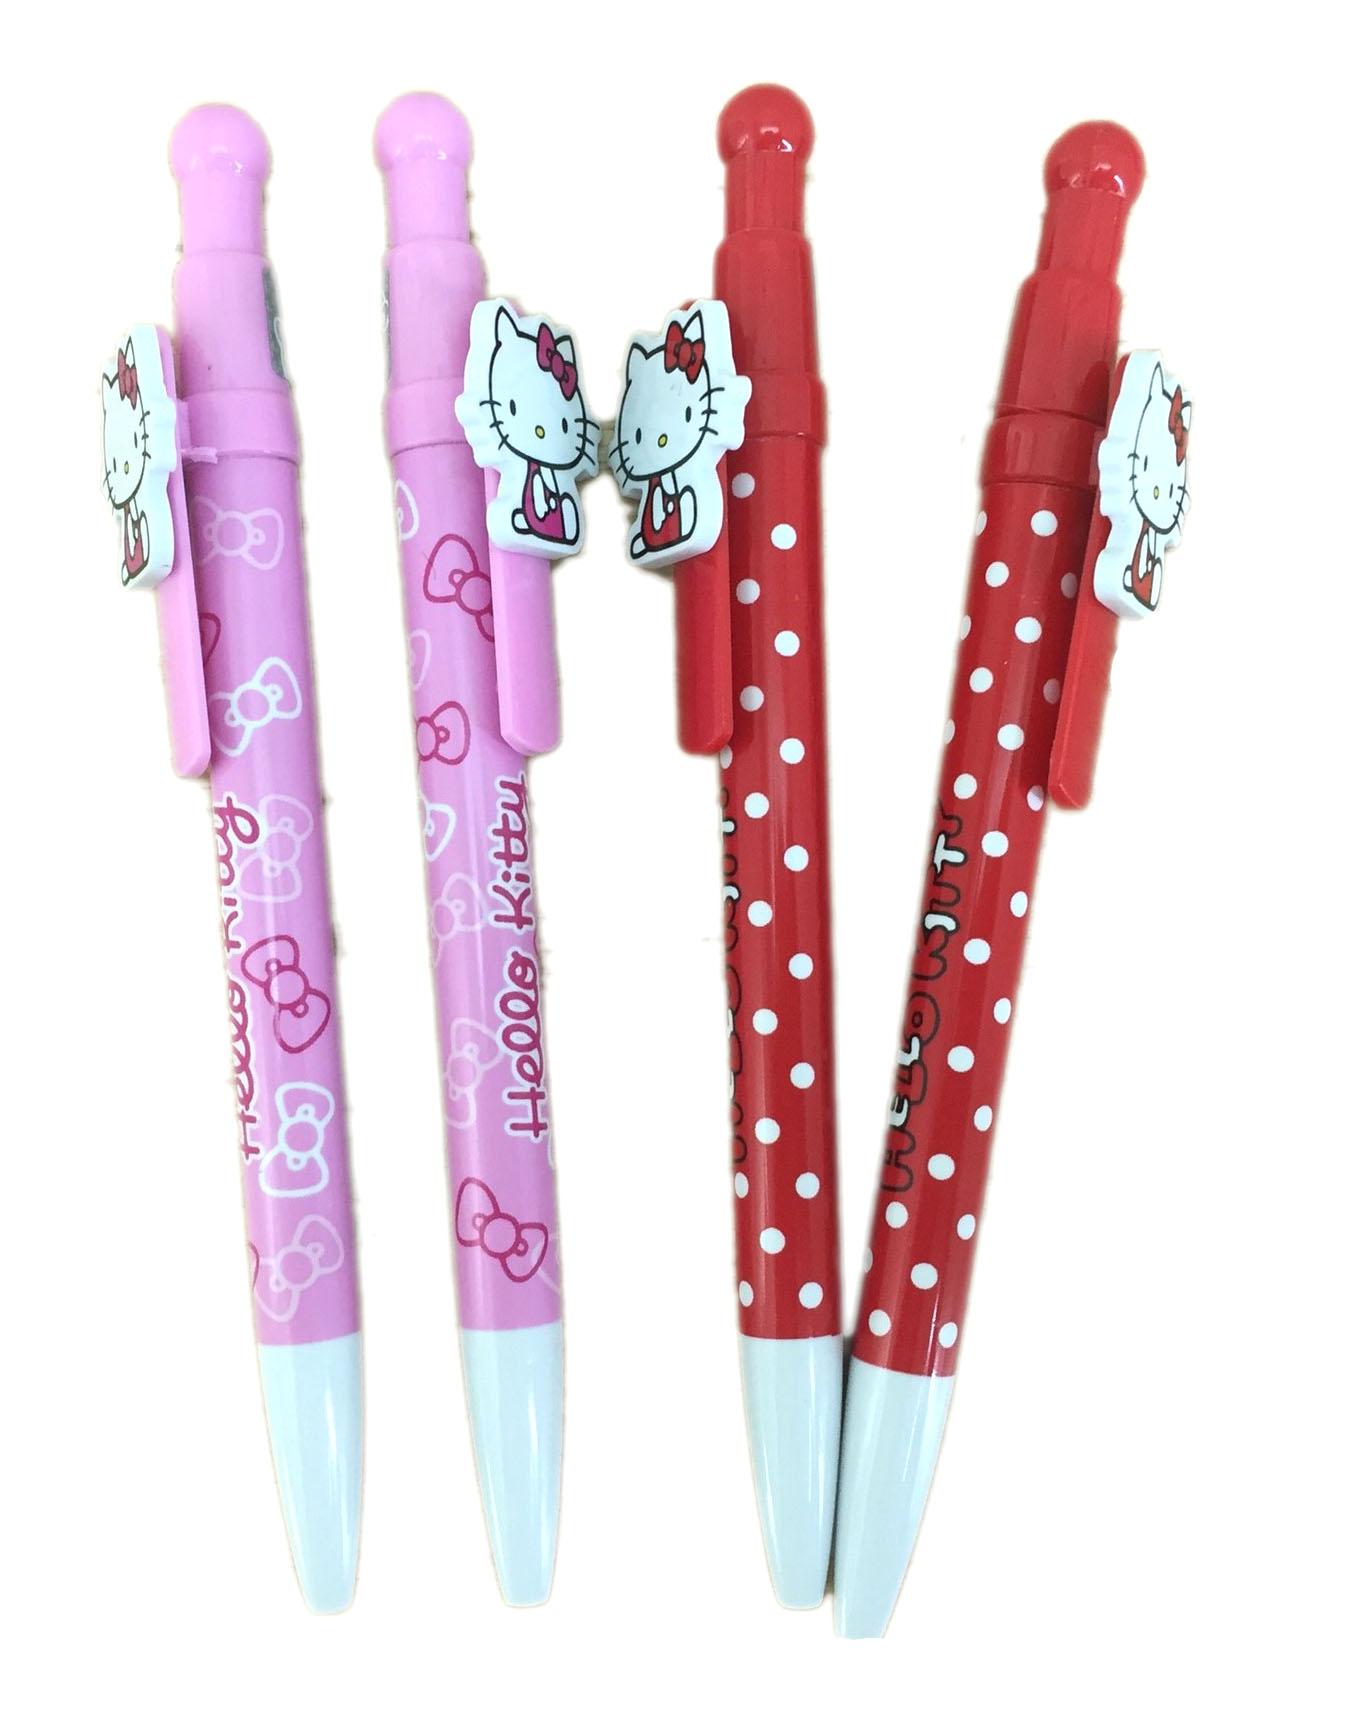 【真愛日本】16070100011可愛筆夾原子筆-側坐2色  三麗鷗 Hello Kitty 凱蒂貓   原子筆  文具用品  書寫用具